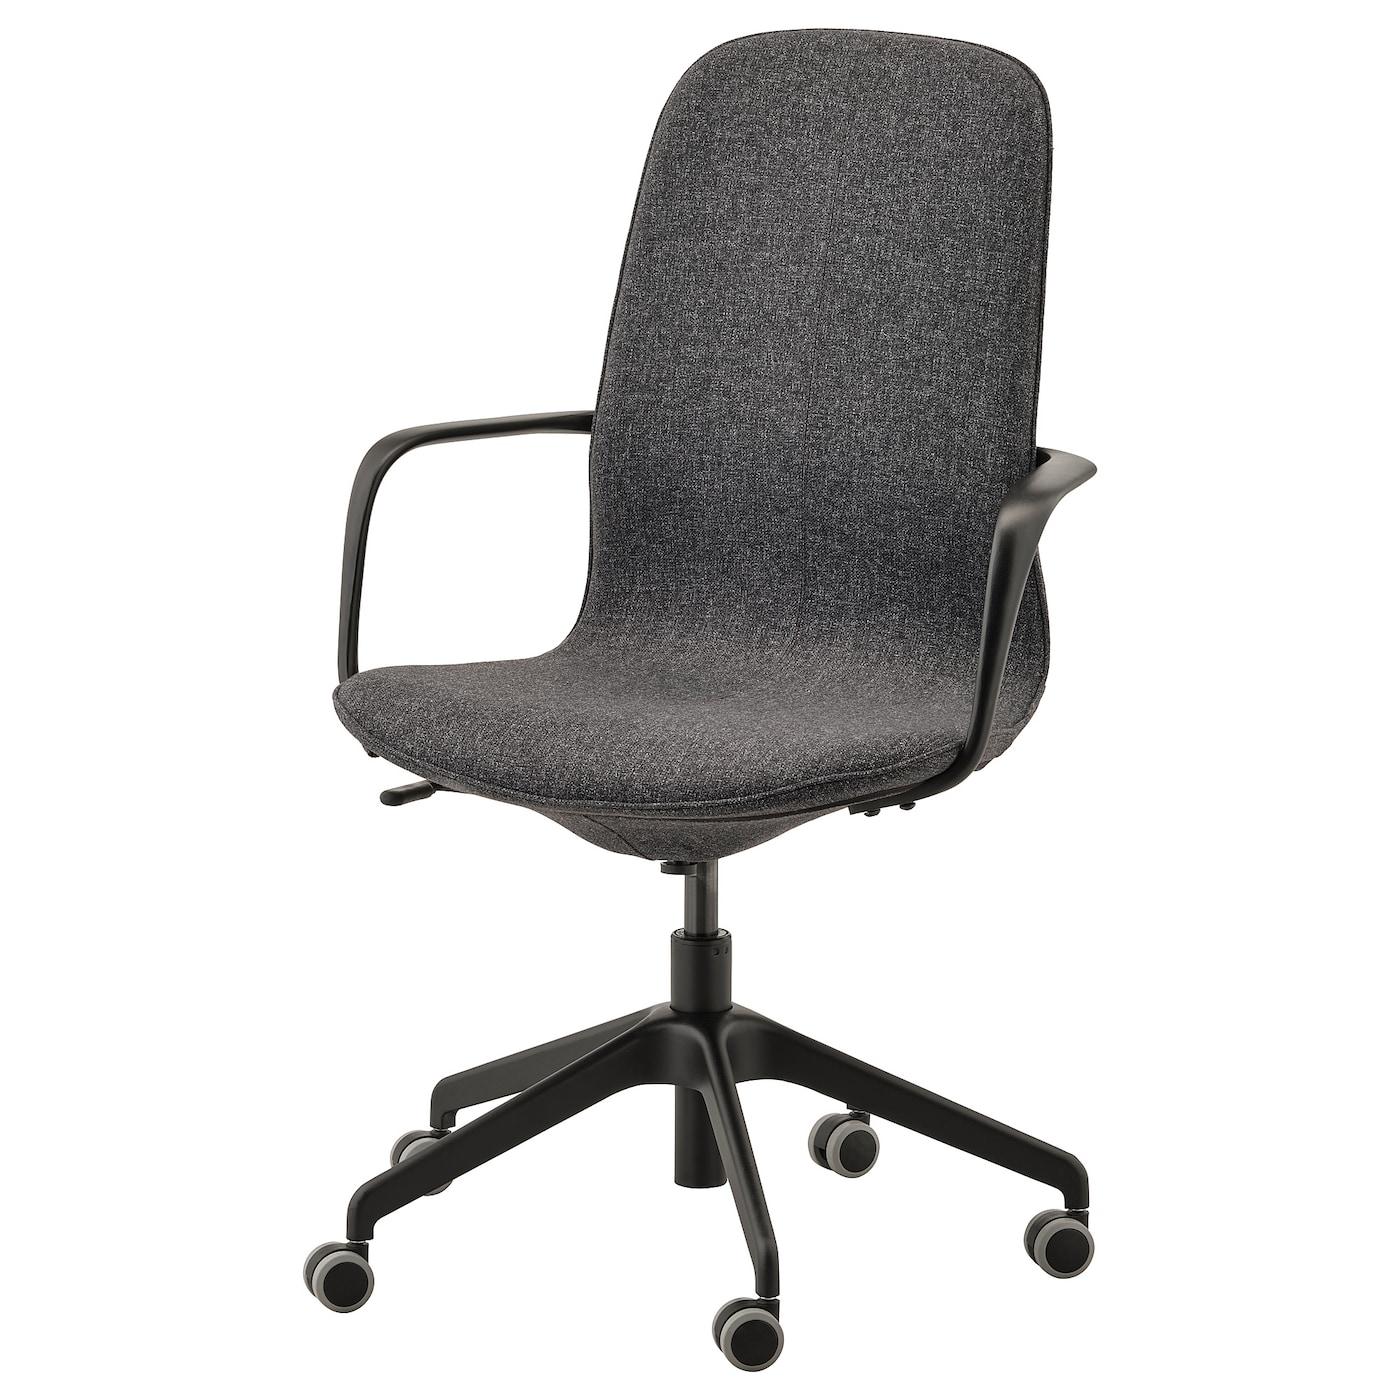 LÅNGFJÄLL Krzesło biurowe z podłokietnikami Gunnared ciemnoszary, czarny